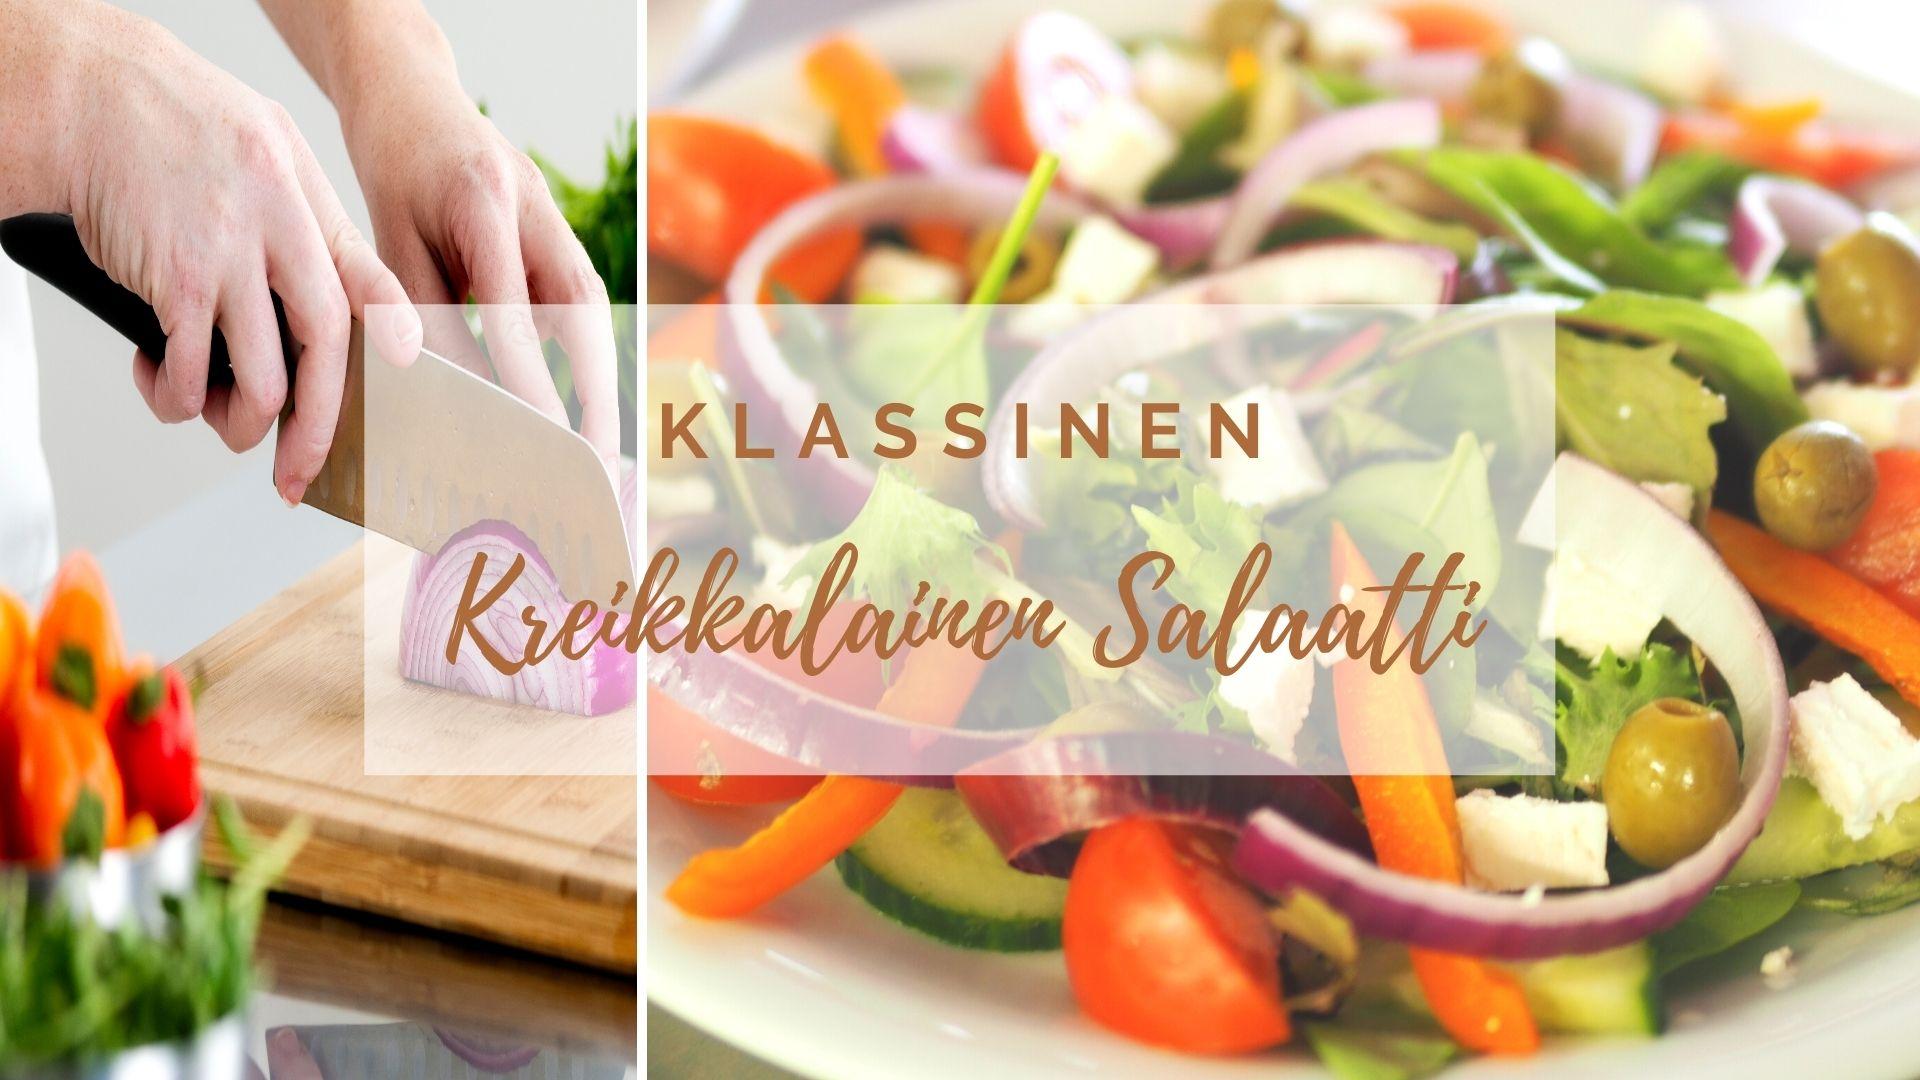 Kreikkalainen salaatti, joka sisältää tomaatti, oliivia, punasipulia ja vihreää salaattia.